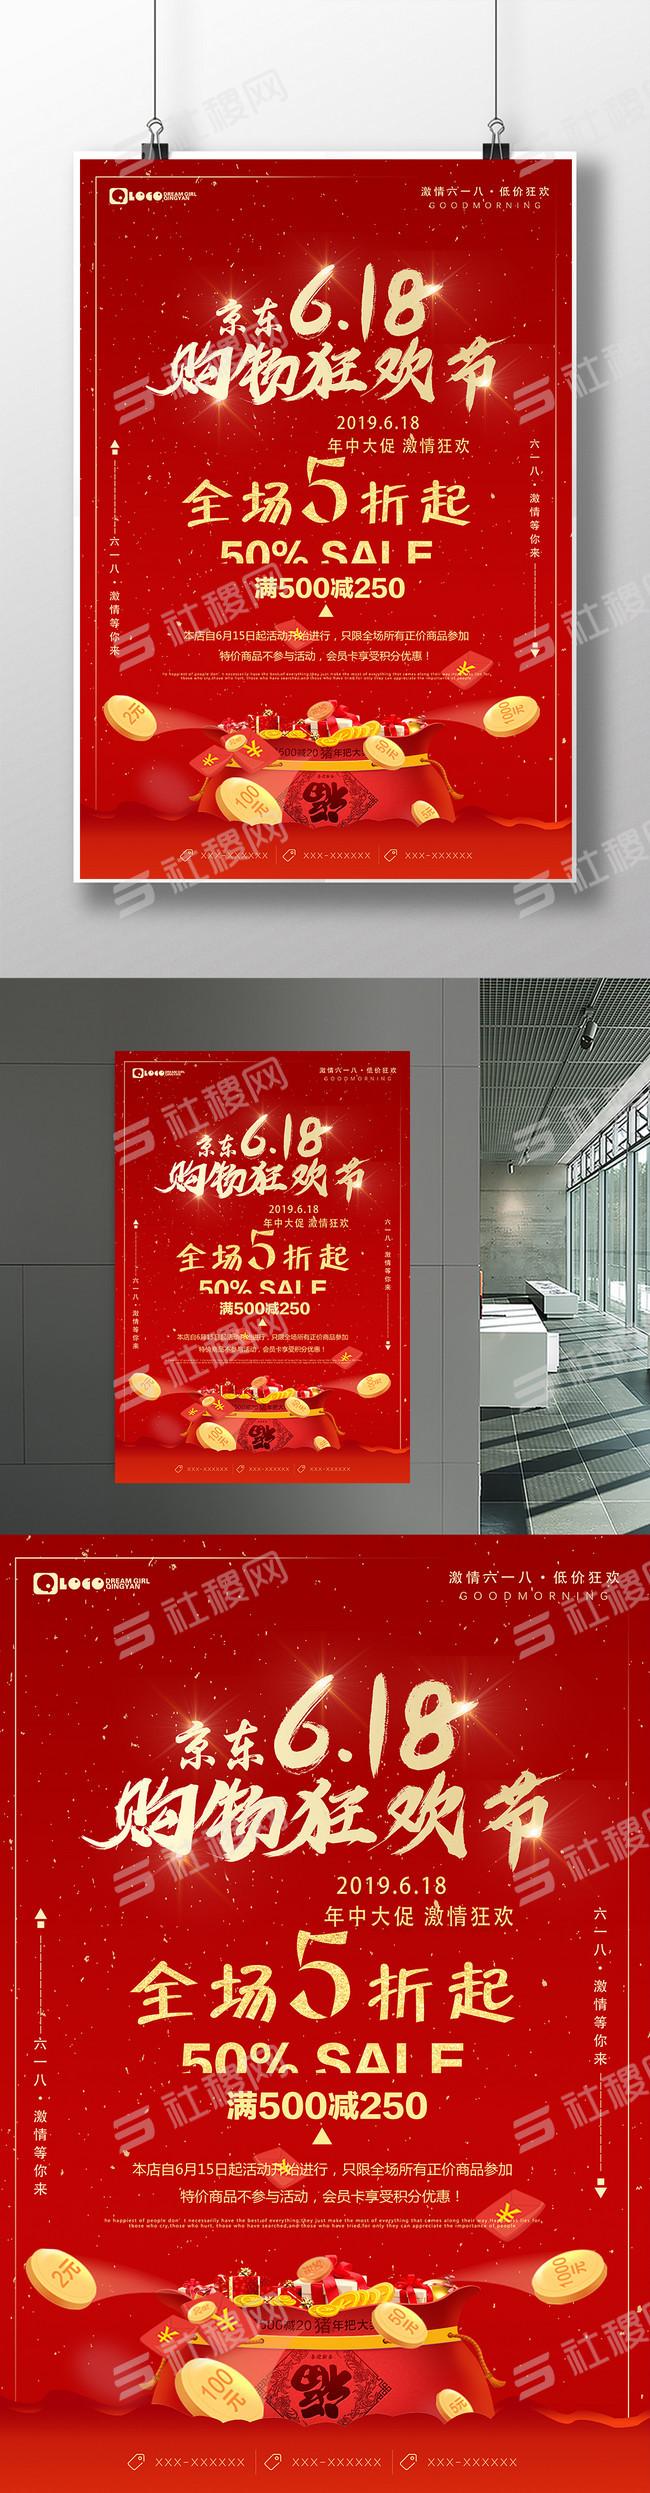 618店庆钜惠促销海报